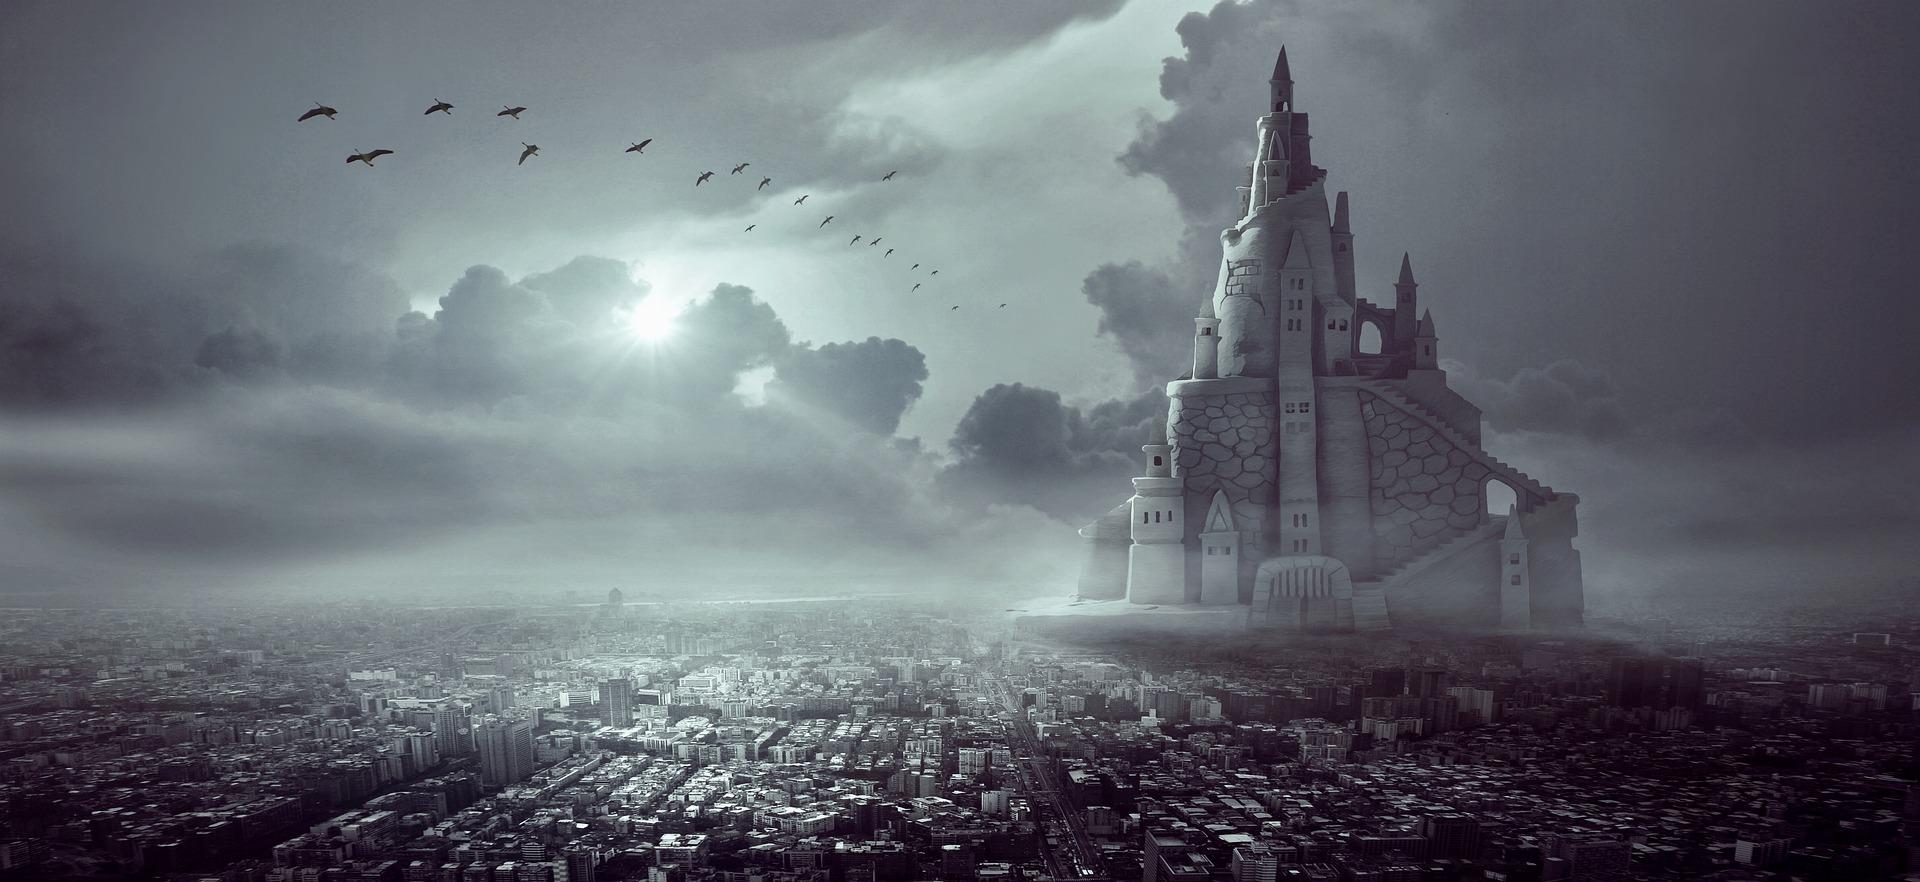 Muraptaam, die Stat am Fluss, mut ihren Turmhäusern und Häusertürmen.